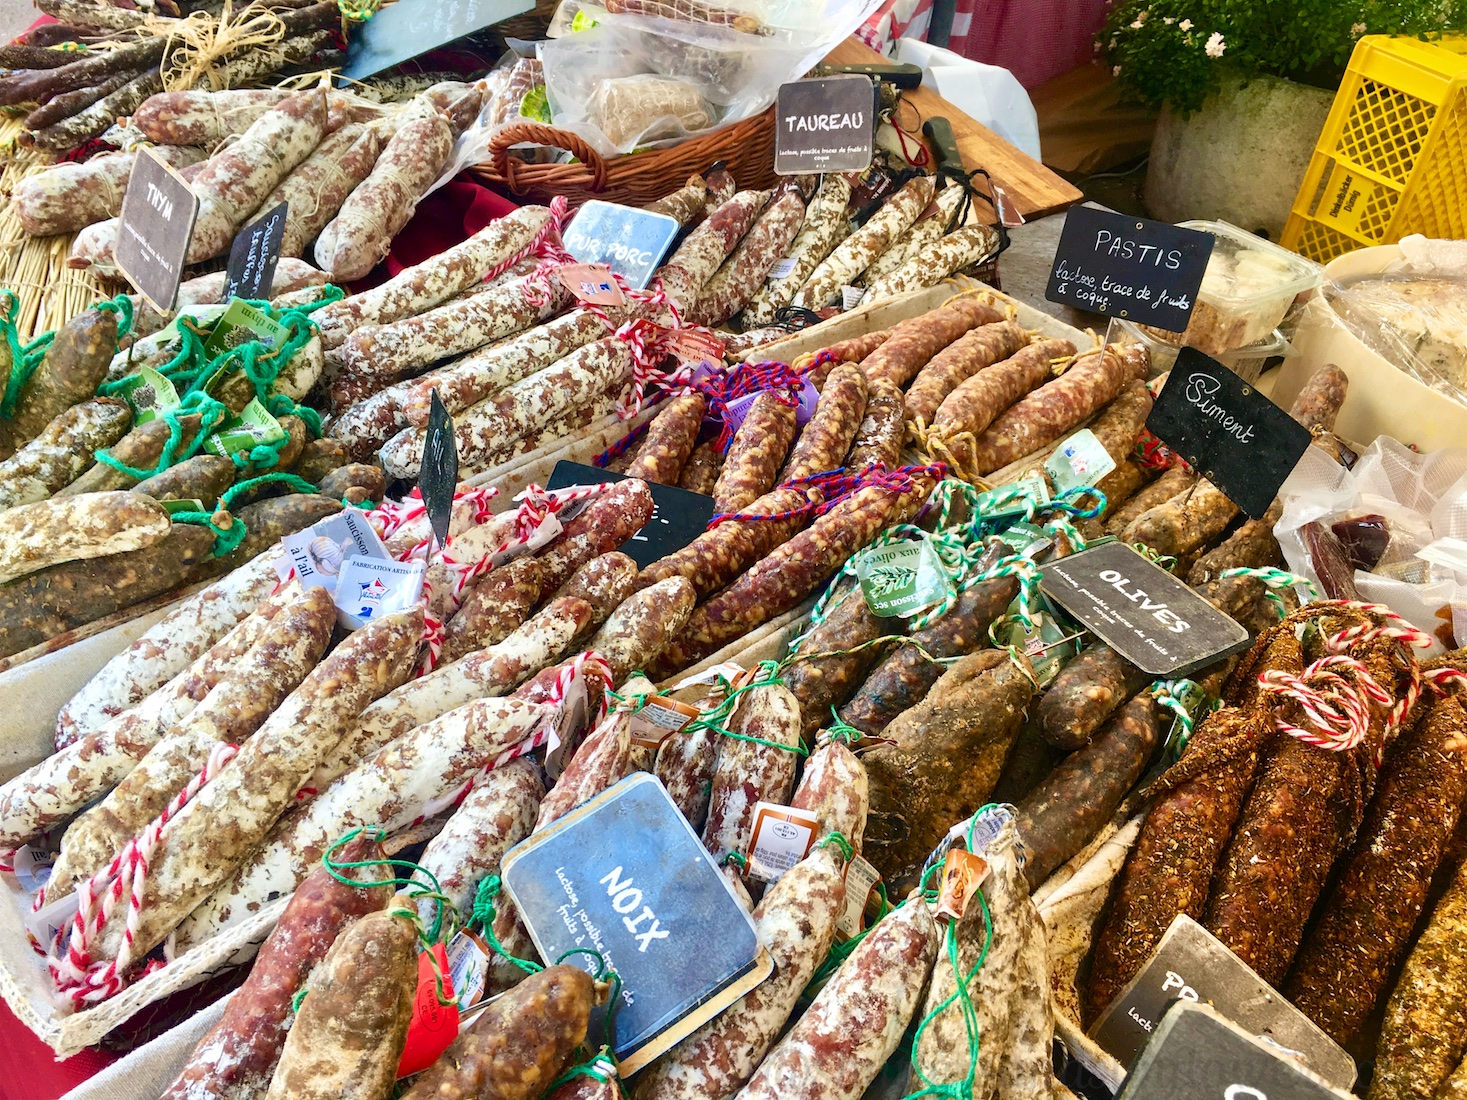 Saucisson at the Lourmarin market